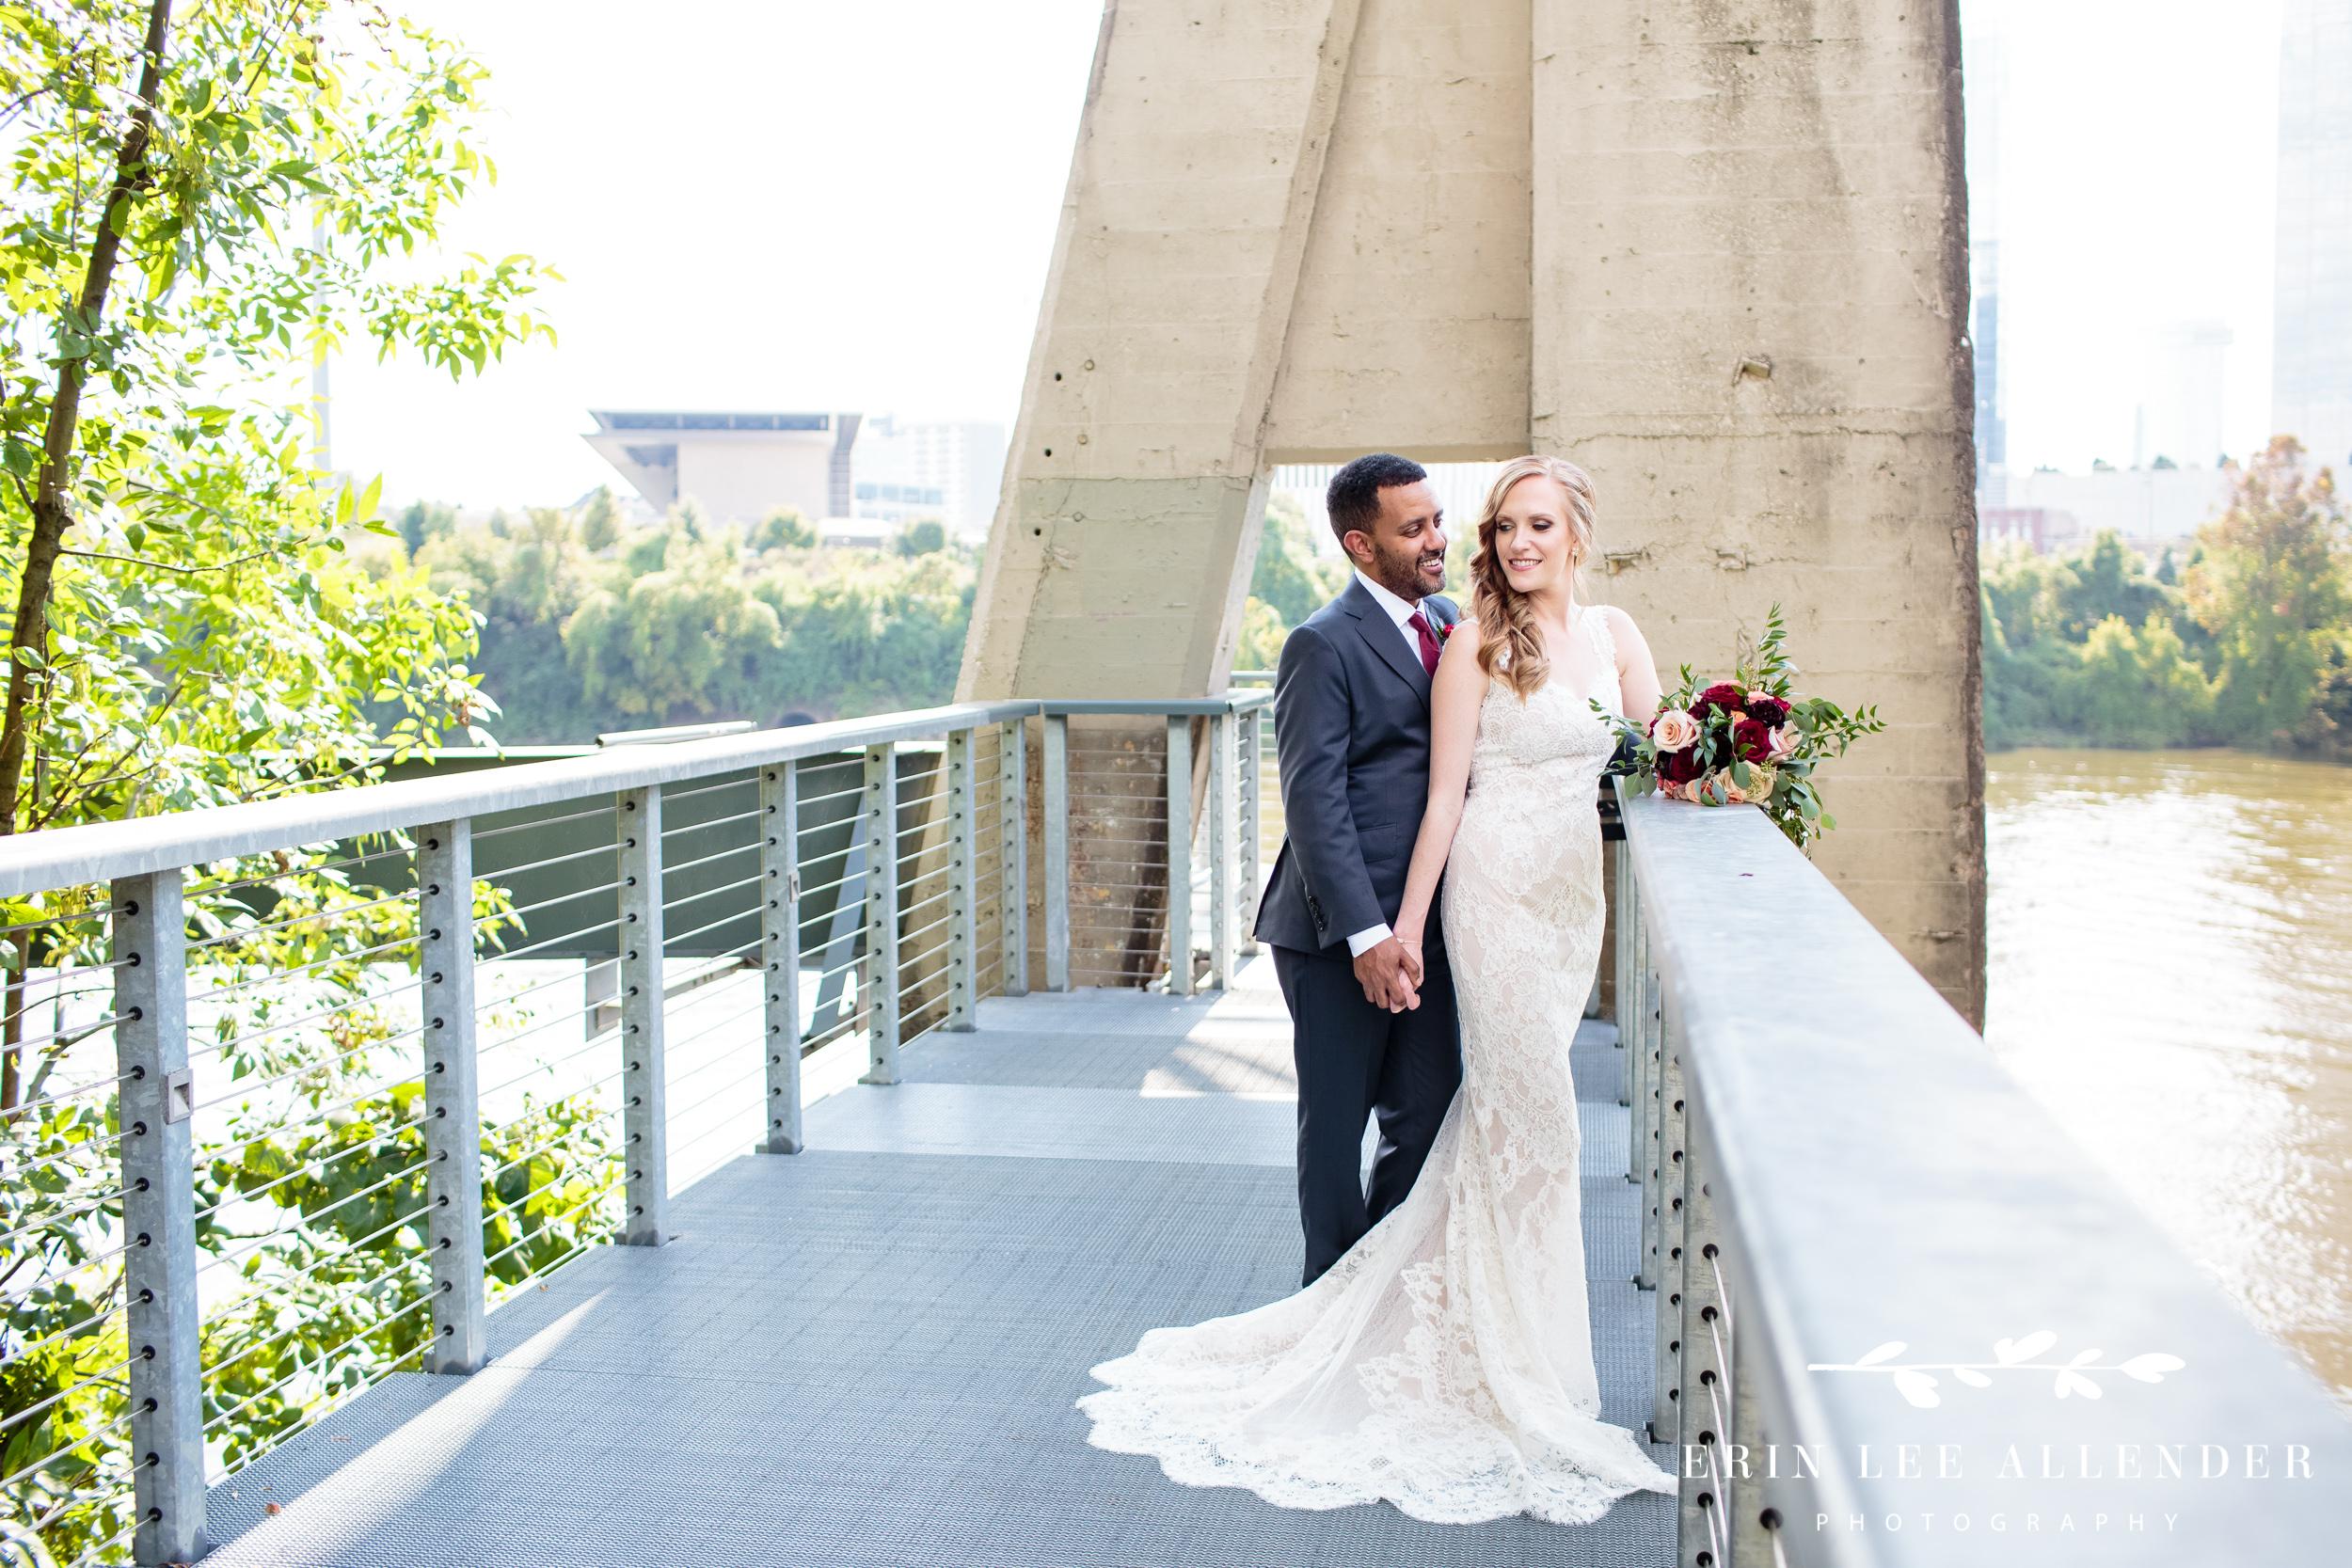 wedding-portrait-erin-lee-allender